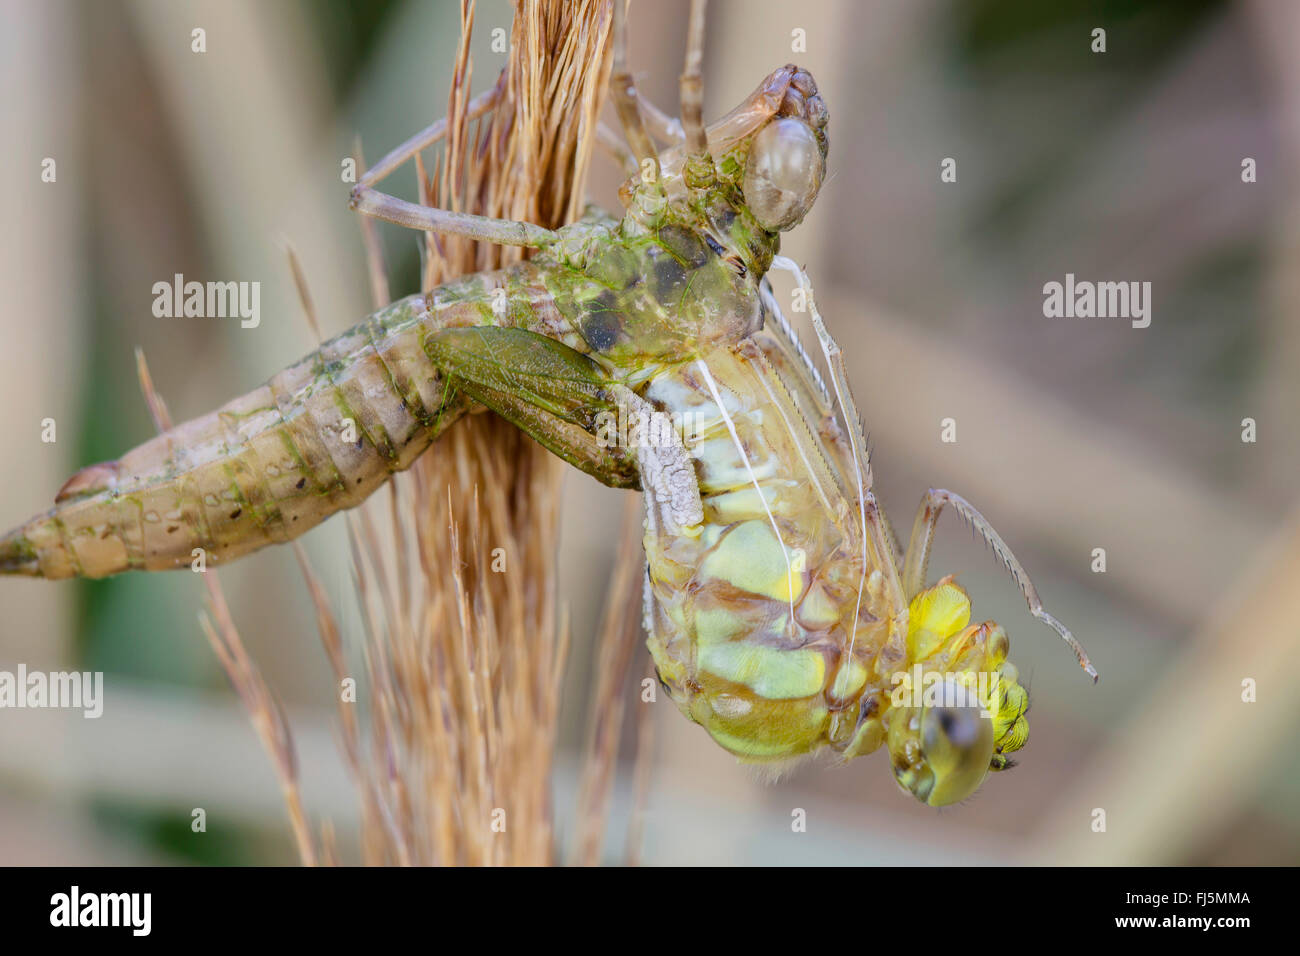 Wunderbar Insekt Anatomie Diagramm Bilder - Anatomie Von ...